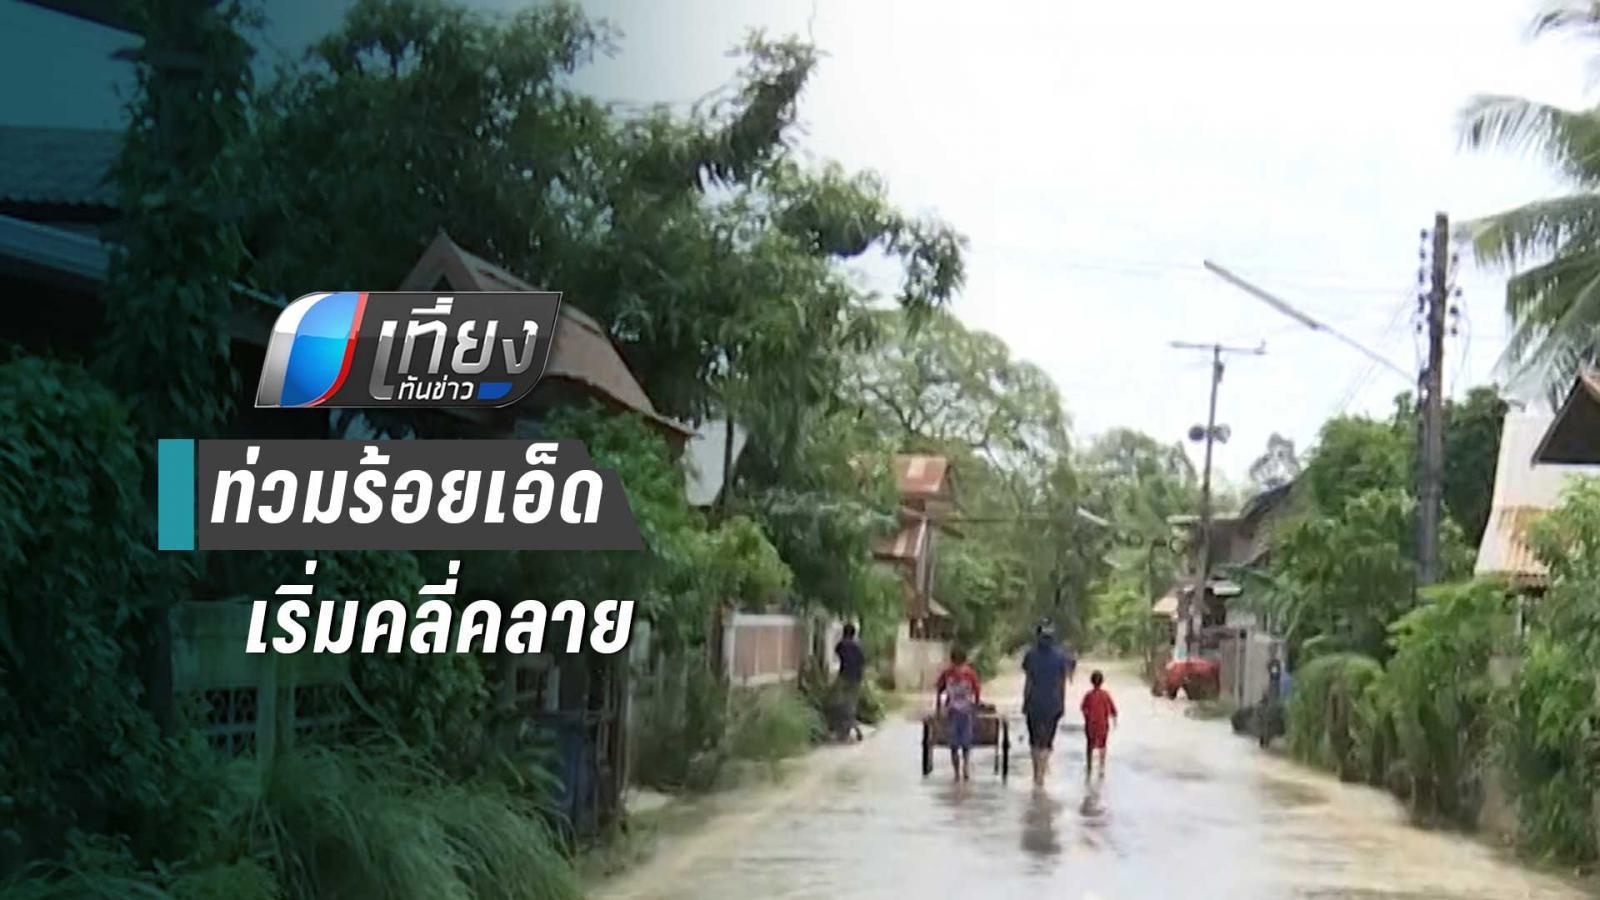 น้ำท่วมร้อยเอ็ดเริ่มคลี่คลายแล้ว ชาวบ้านทยอยย้ายกลับเข้าครัวเรือน